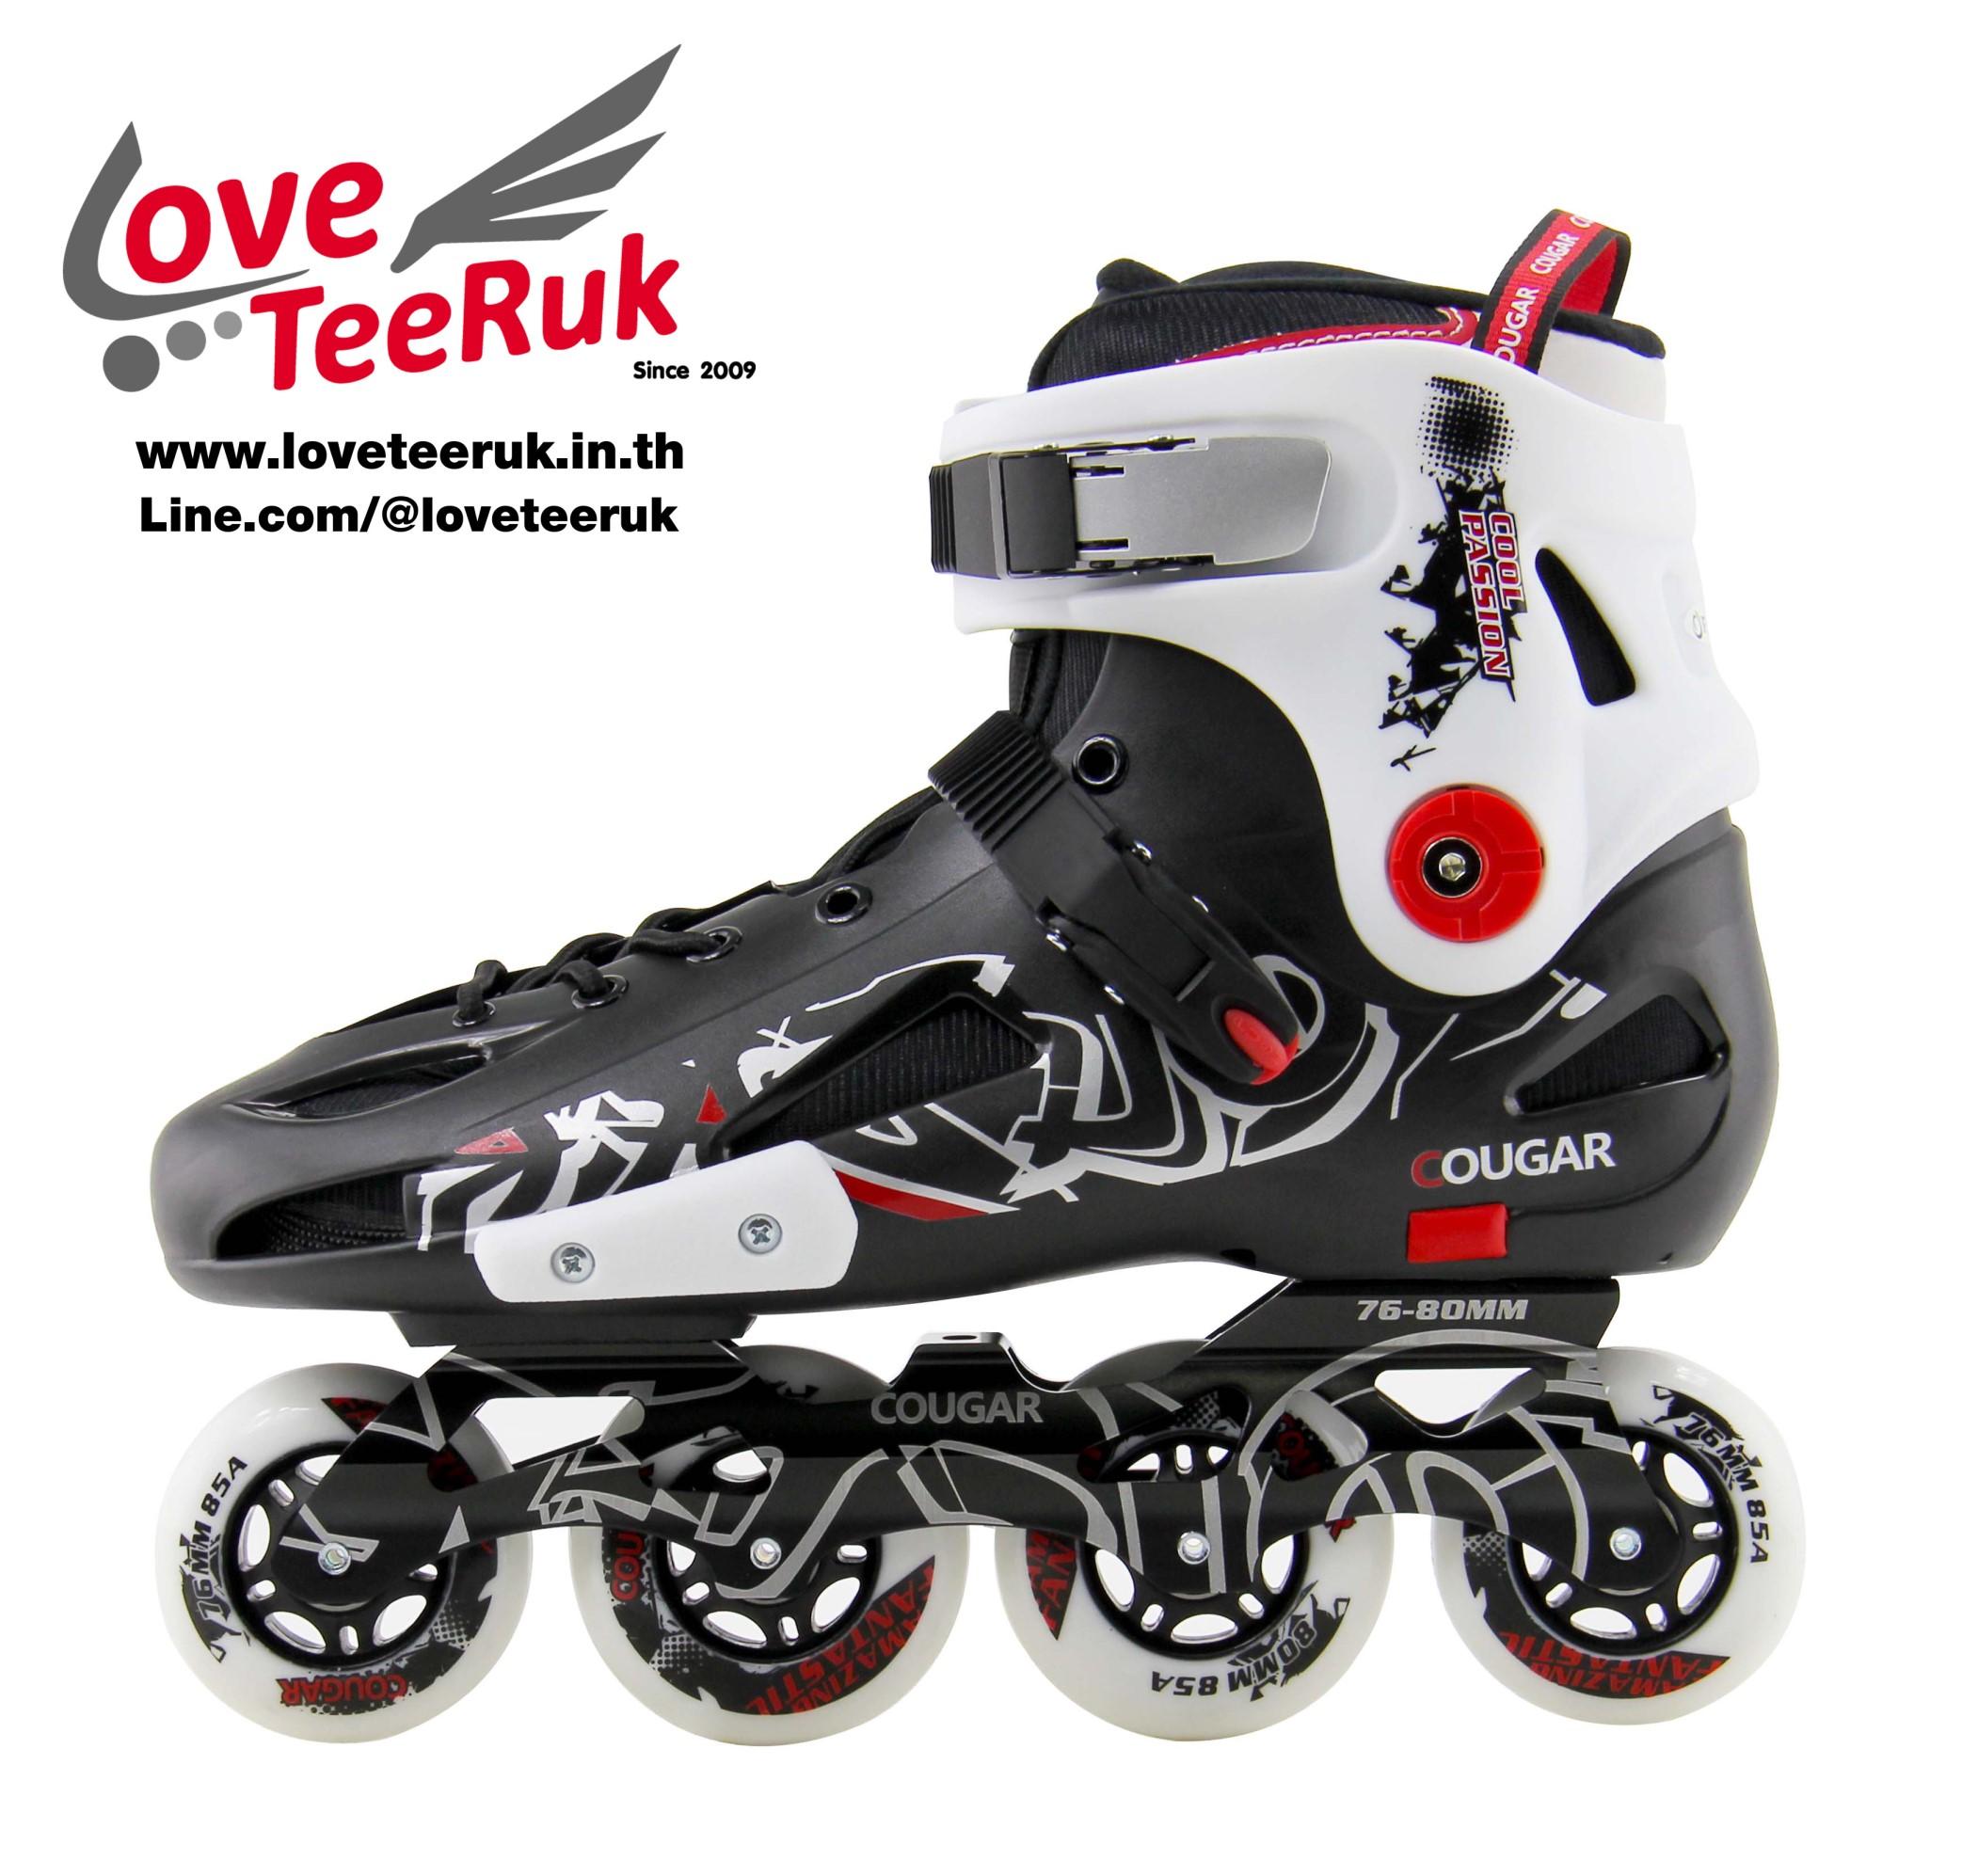 รองเท้าสเก็ต rollerblade แบบสลาลม รุ่น FXW สีดำ-ขาว Fixed Size 43, 44, 45